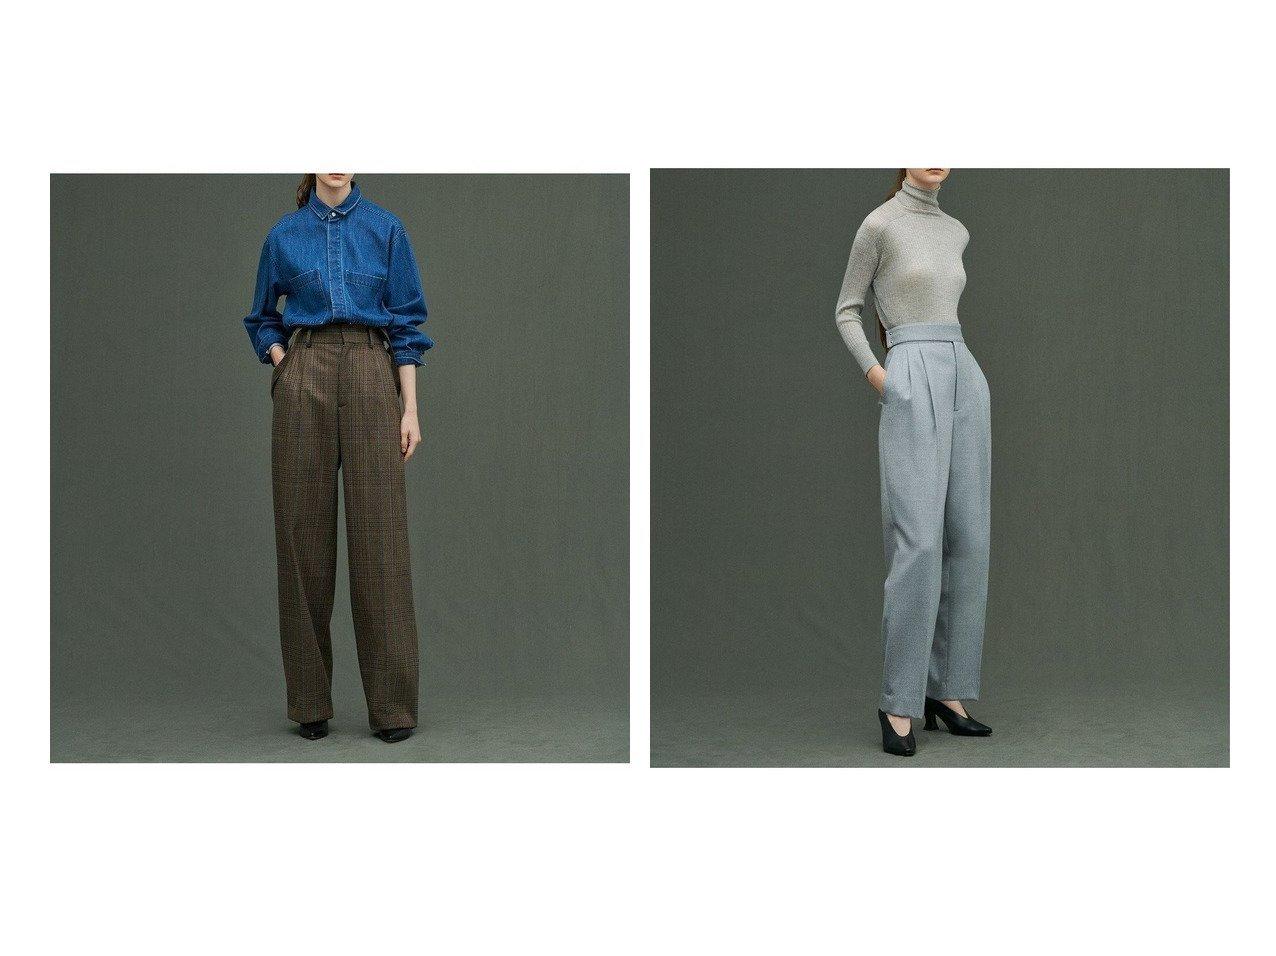 【uncrave/アンクレイヴ】のグレンチェック サスペンダー ワイドパンツ&ストレッチウール パンツ 【パンツ】おすすめ!人気、トレンド・レディースファッションの通販 おすすめで人気の流行・トレンド、ファッションの通販商品 インテリア・家具・メンズファッション・キッズファッション・レディースファッション・服の通販 founy(ファニー) https://founy.com/ ファッション Fashion レディースファッション WOMEN パンツ Pants イタリア サスペンダー チェック バランス フラップ フロント ポケット ループ ワイド 送料無料 Free Shipping なめらか ストレッチ ストレート スーツ  ID:crp329100000066634